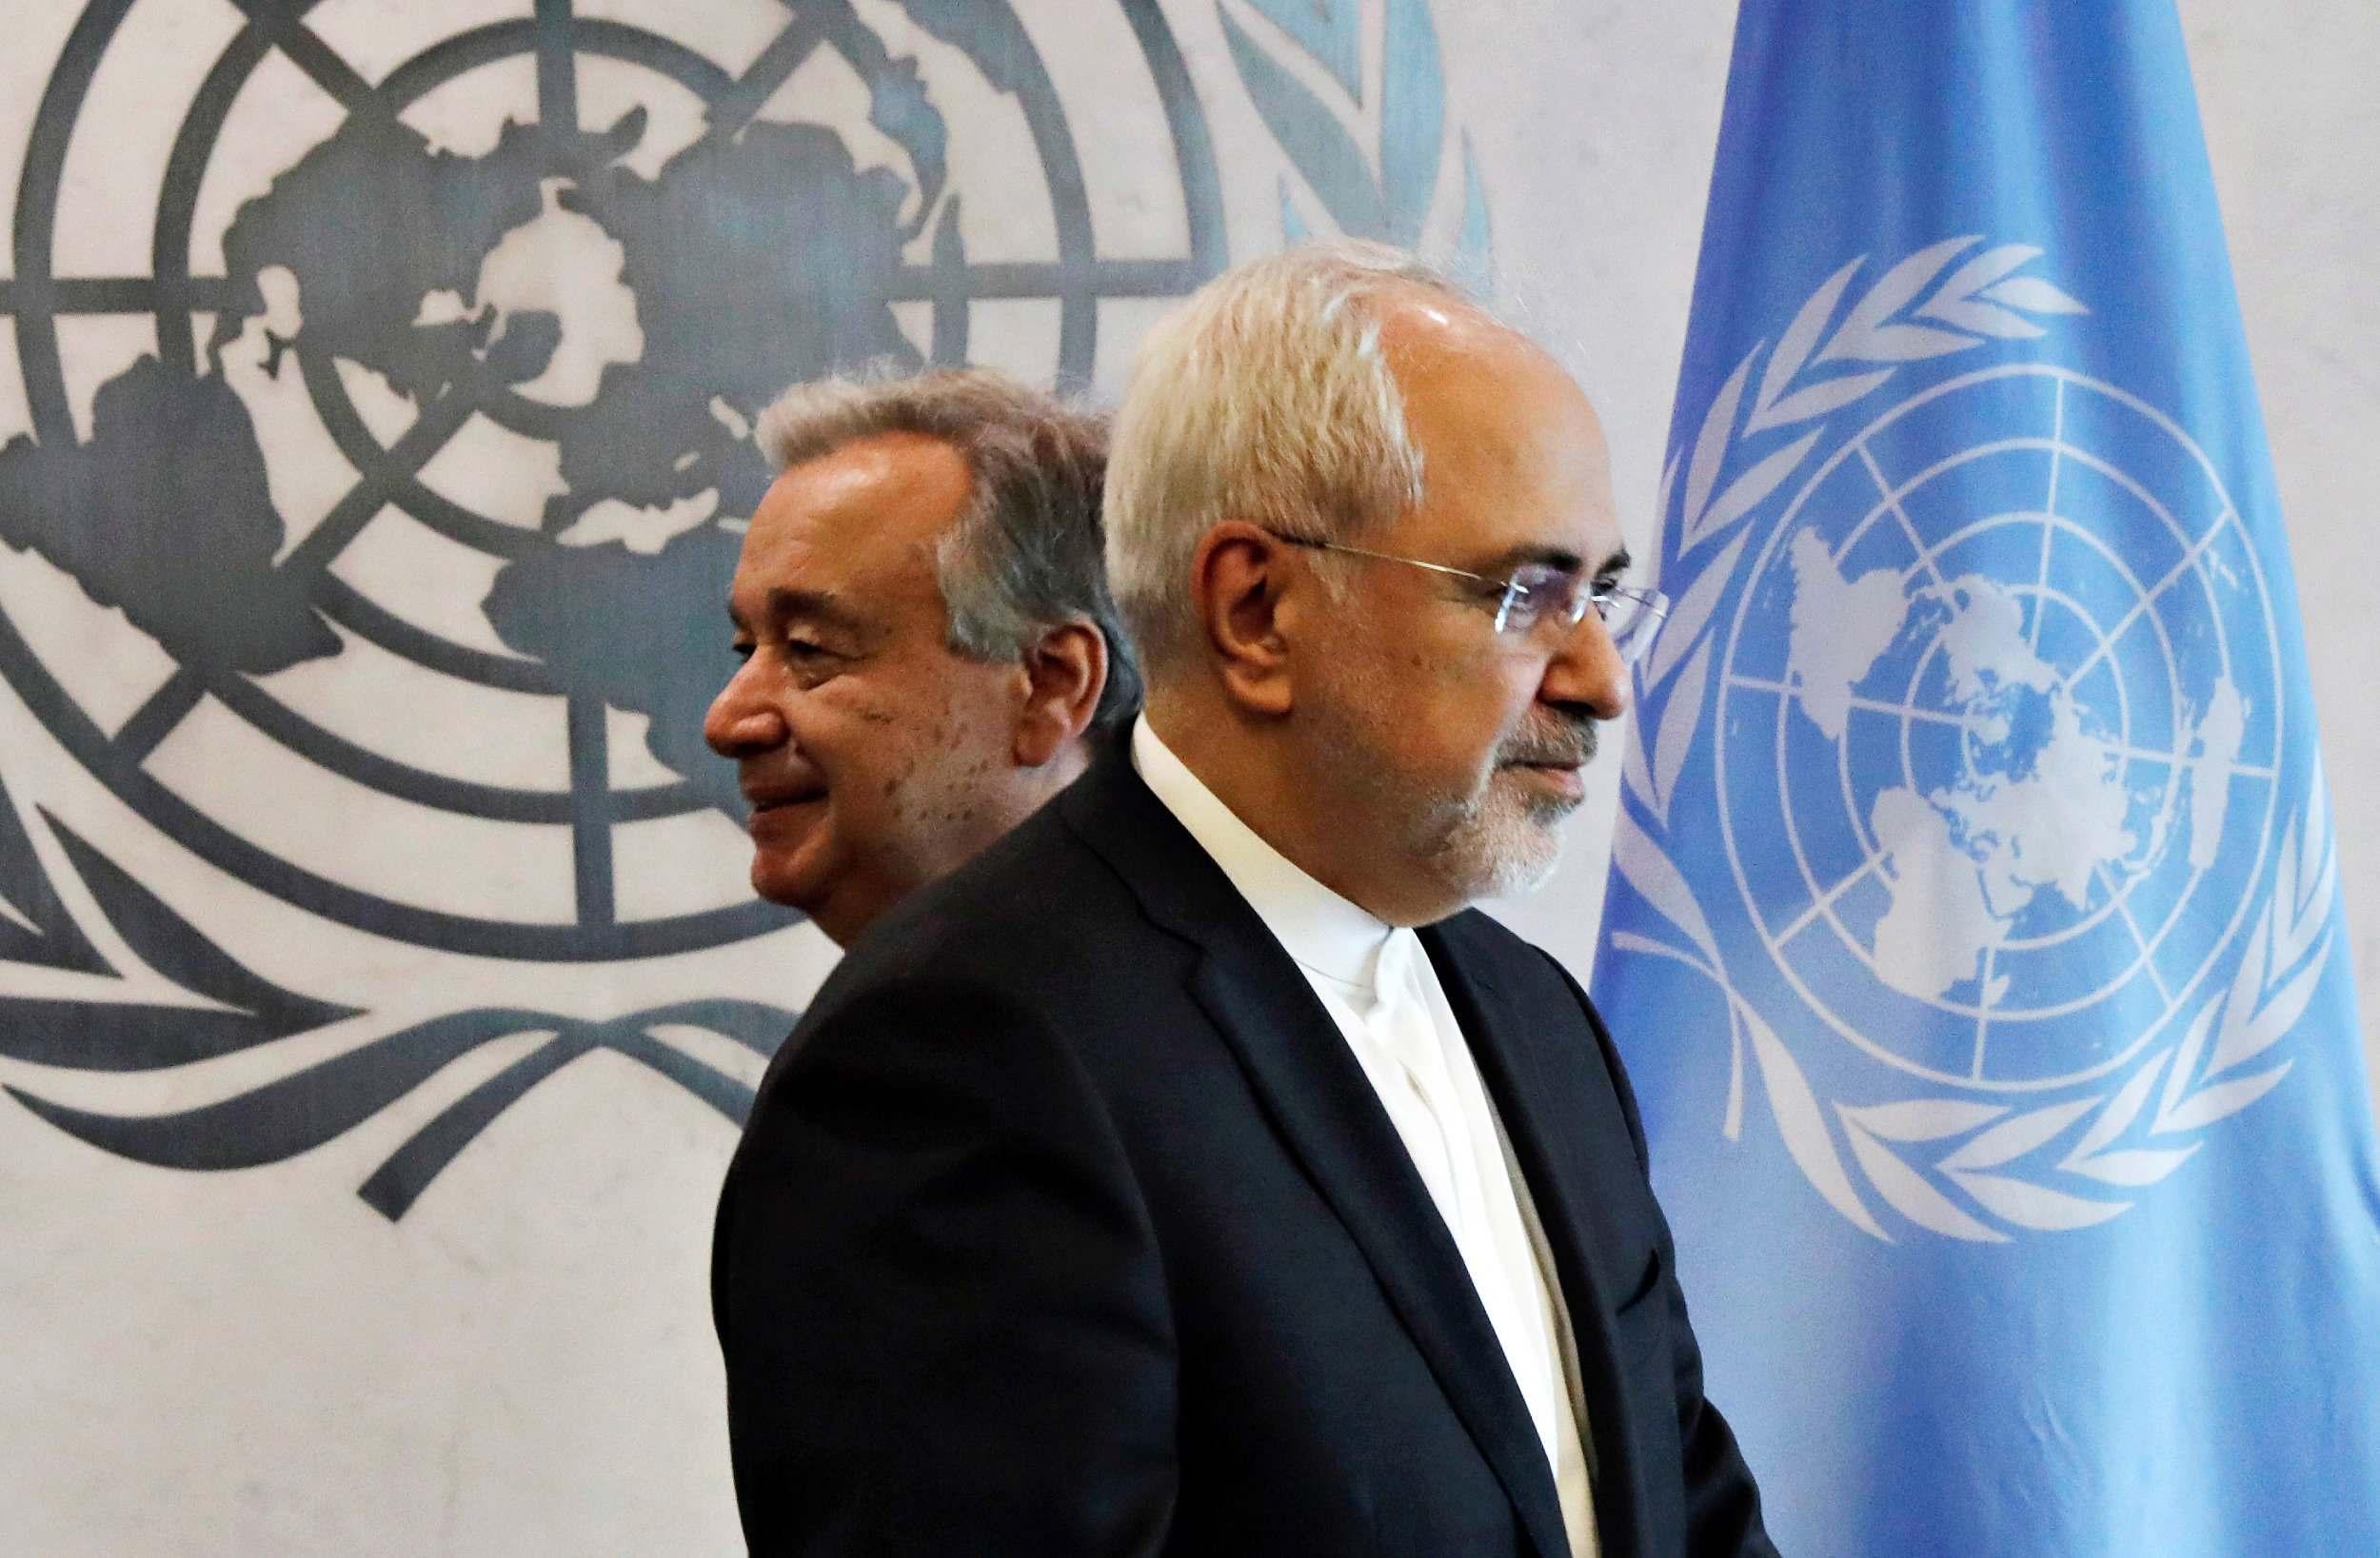 İran'dan Çağrı: ABD Esaretinden Kurtulun,Rasyonel Düşünün